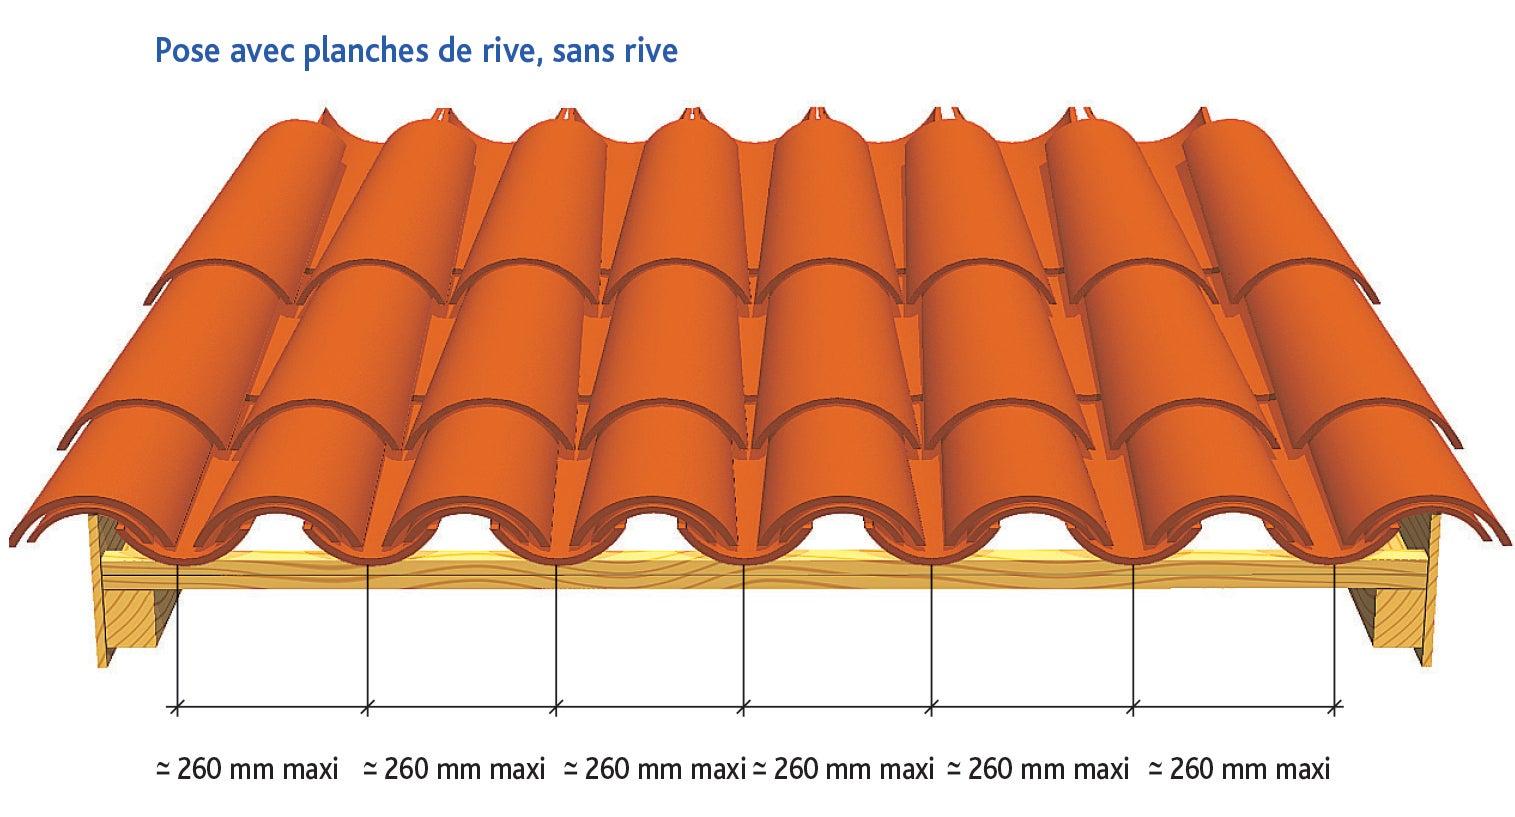 Pose avec planches de rive, sans rive : Tuile CANAL 50